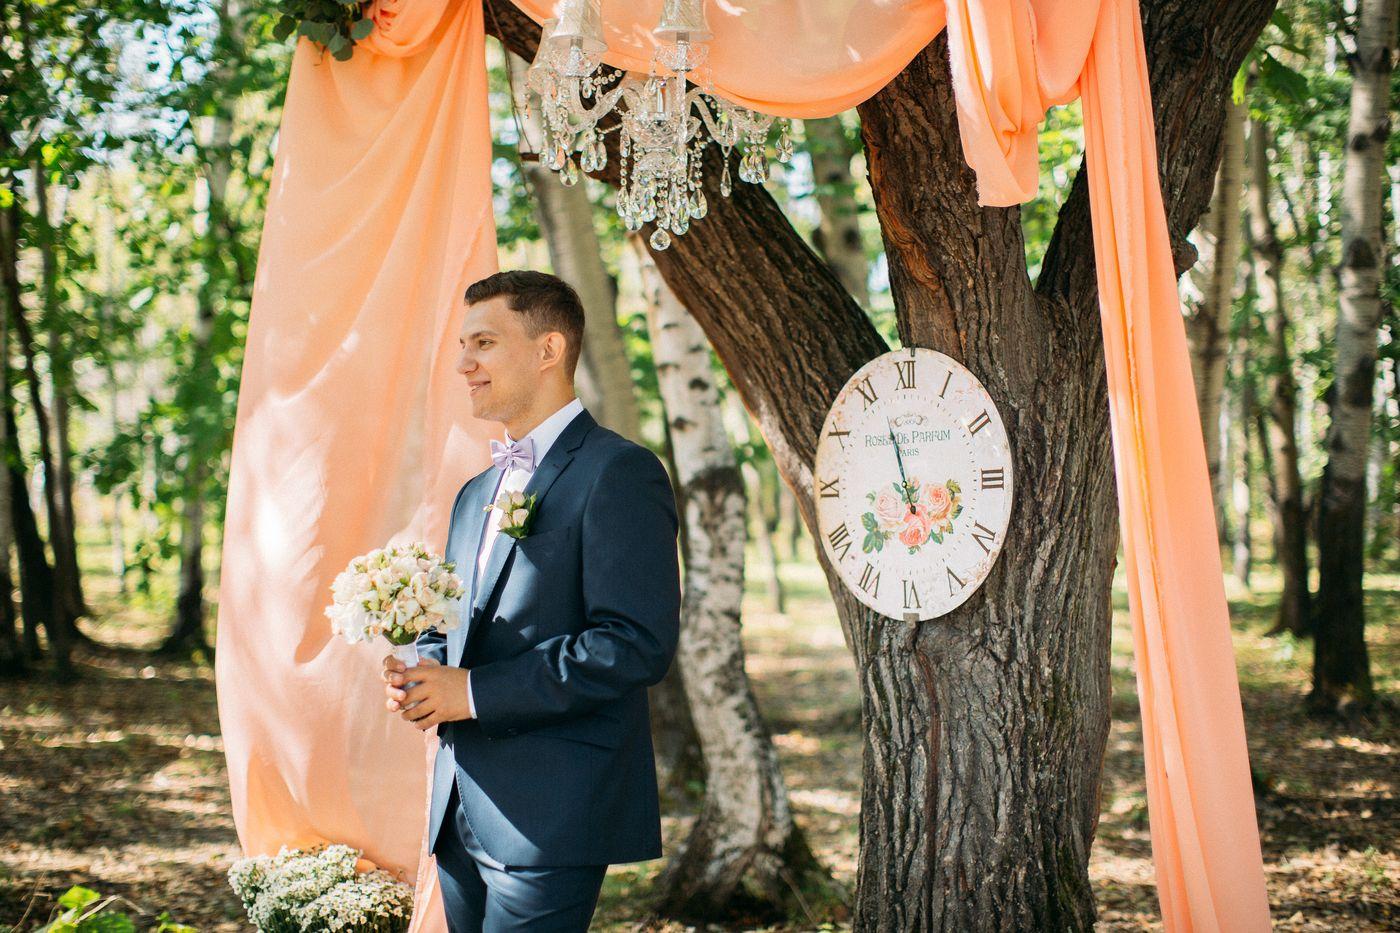 wed-2014-09-20-0052_s